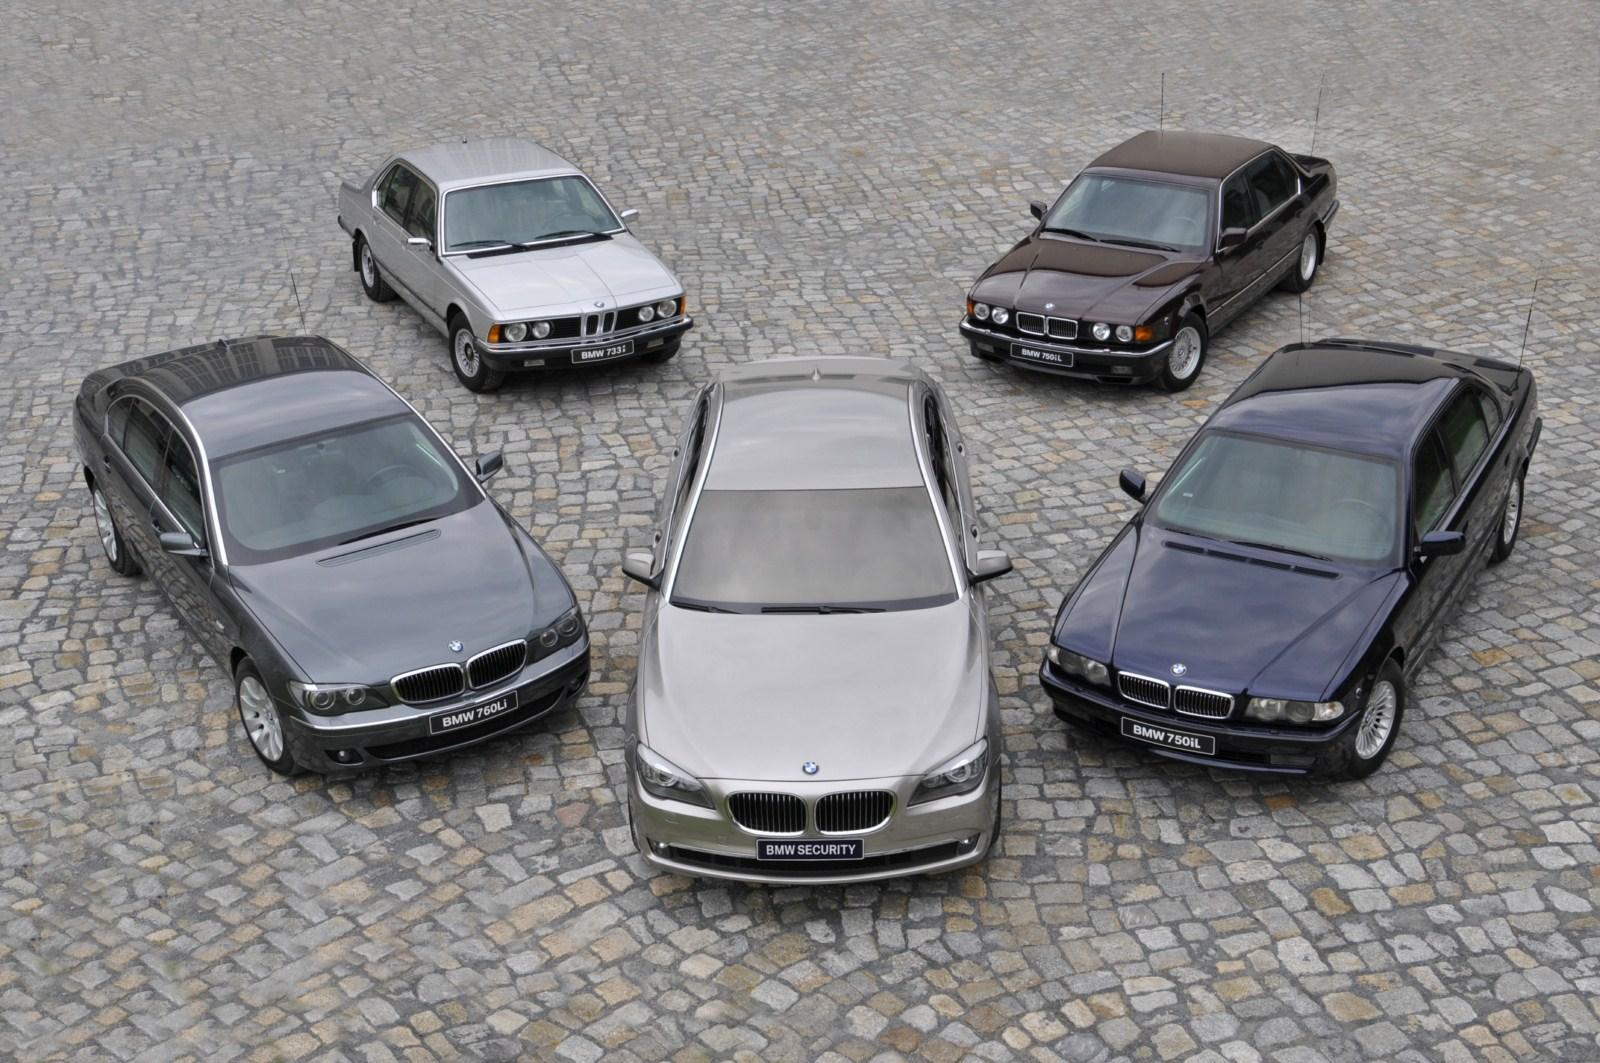 [Sujet officiel] Les Générations de modèles BMW-7er-Sicherheitsfahrzeuge-Geschichte